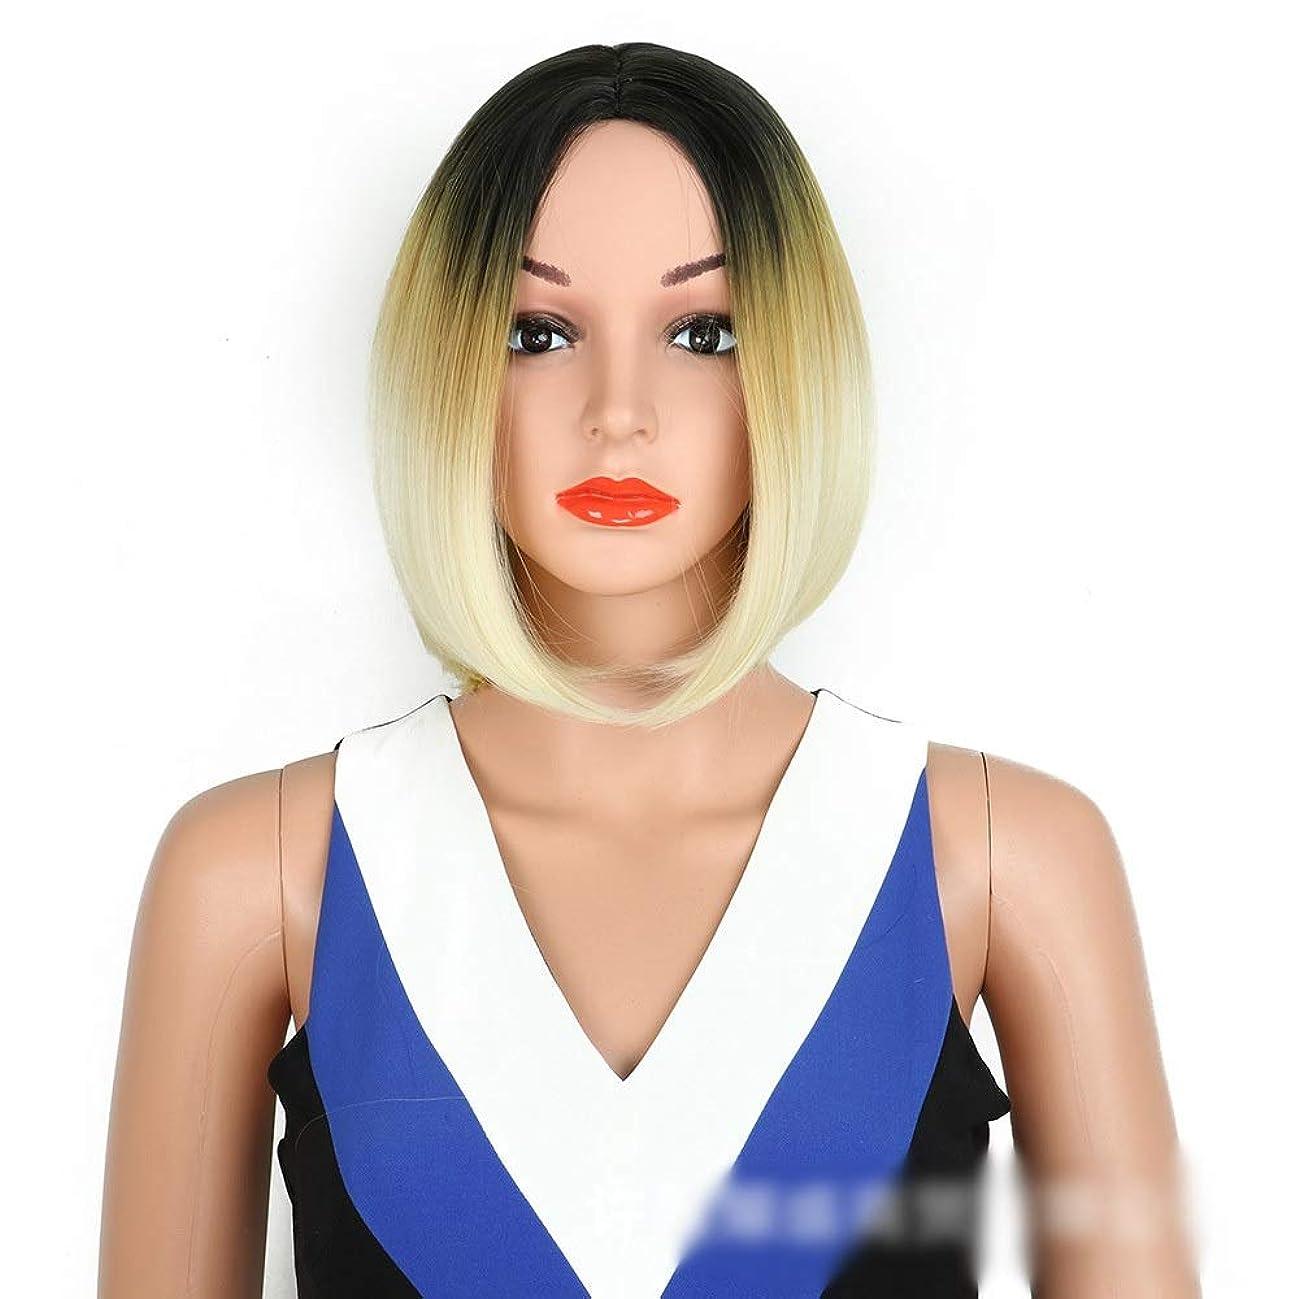 ドナー罰するナットYESONEEP オンブルブラウンボブウィッグミドルショートストレート人工毛ウィッグダークルーツグラデーションカラーヘア用女性パーティーウィッグ (色 : Blonde)